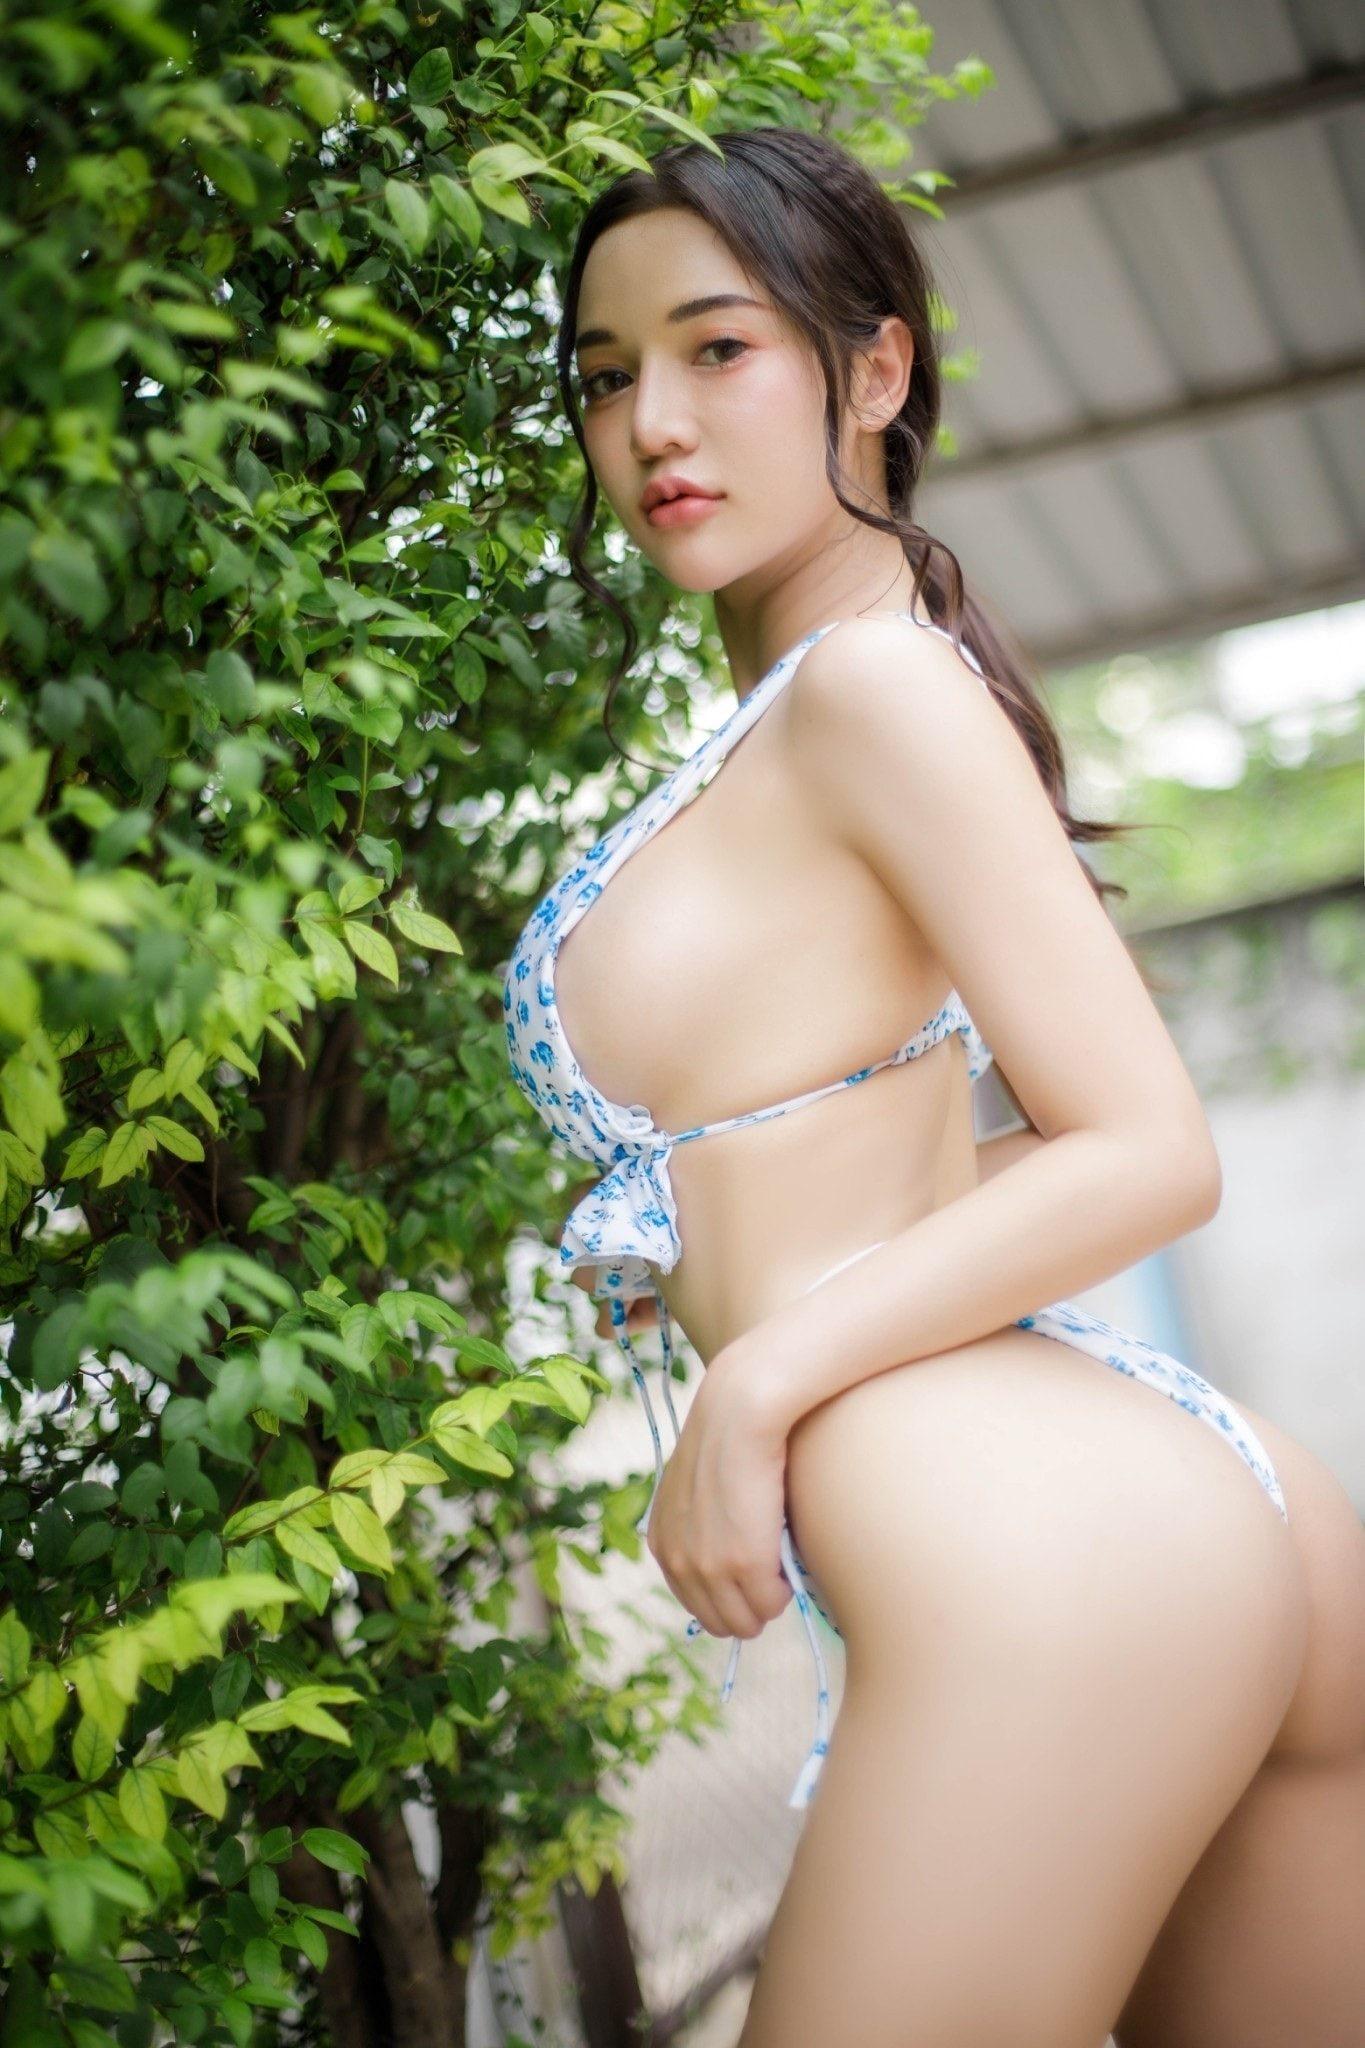 น้องตอง สาวน้อยน่ารัก หุ่นเซ็กซี่ น่าลูบไล้ หลายคนเห็นแล้วอดใจไม่ไหว varietybest